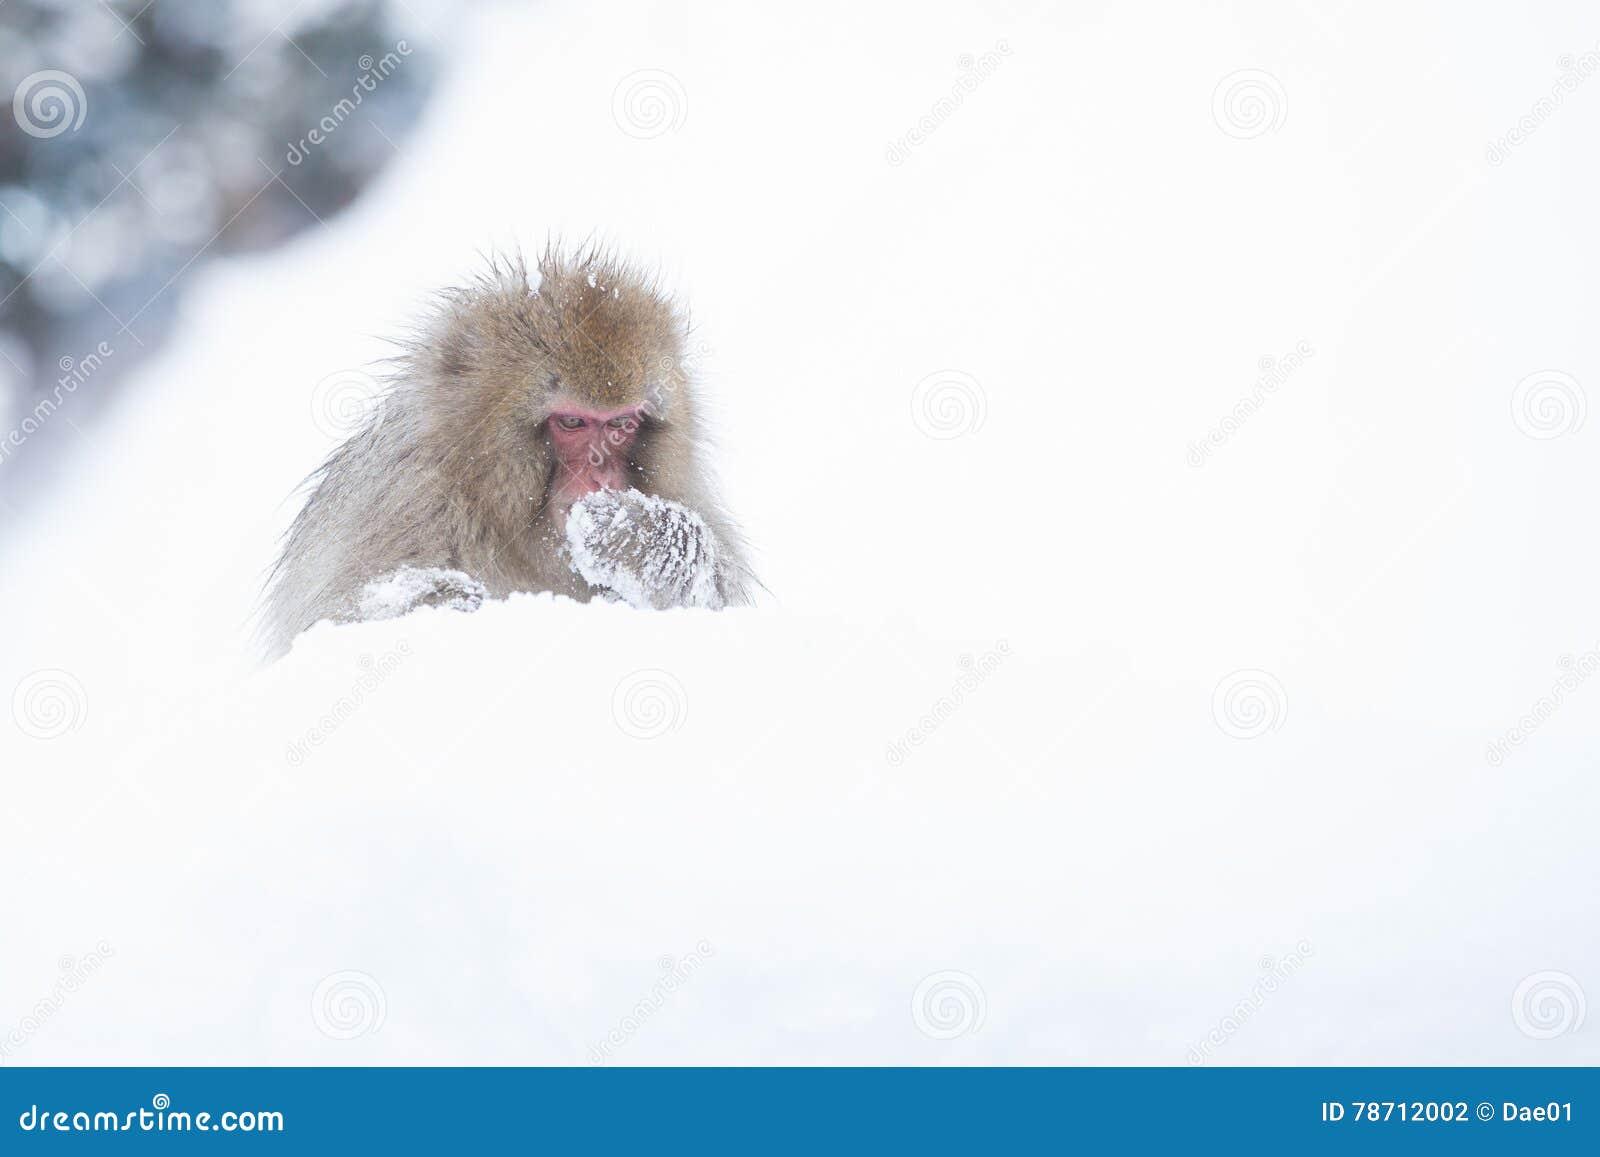 Snow monkeys in a natural onsen (hot spring), located in Jigokudani Park, Yudanaka. Nagano Japan.